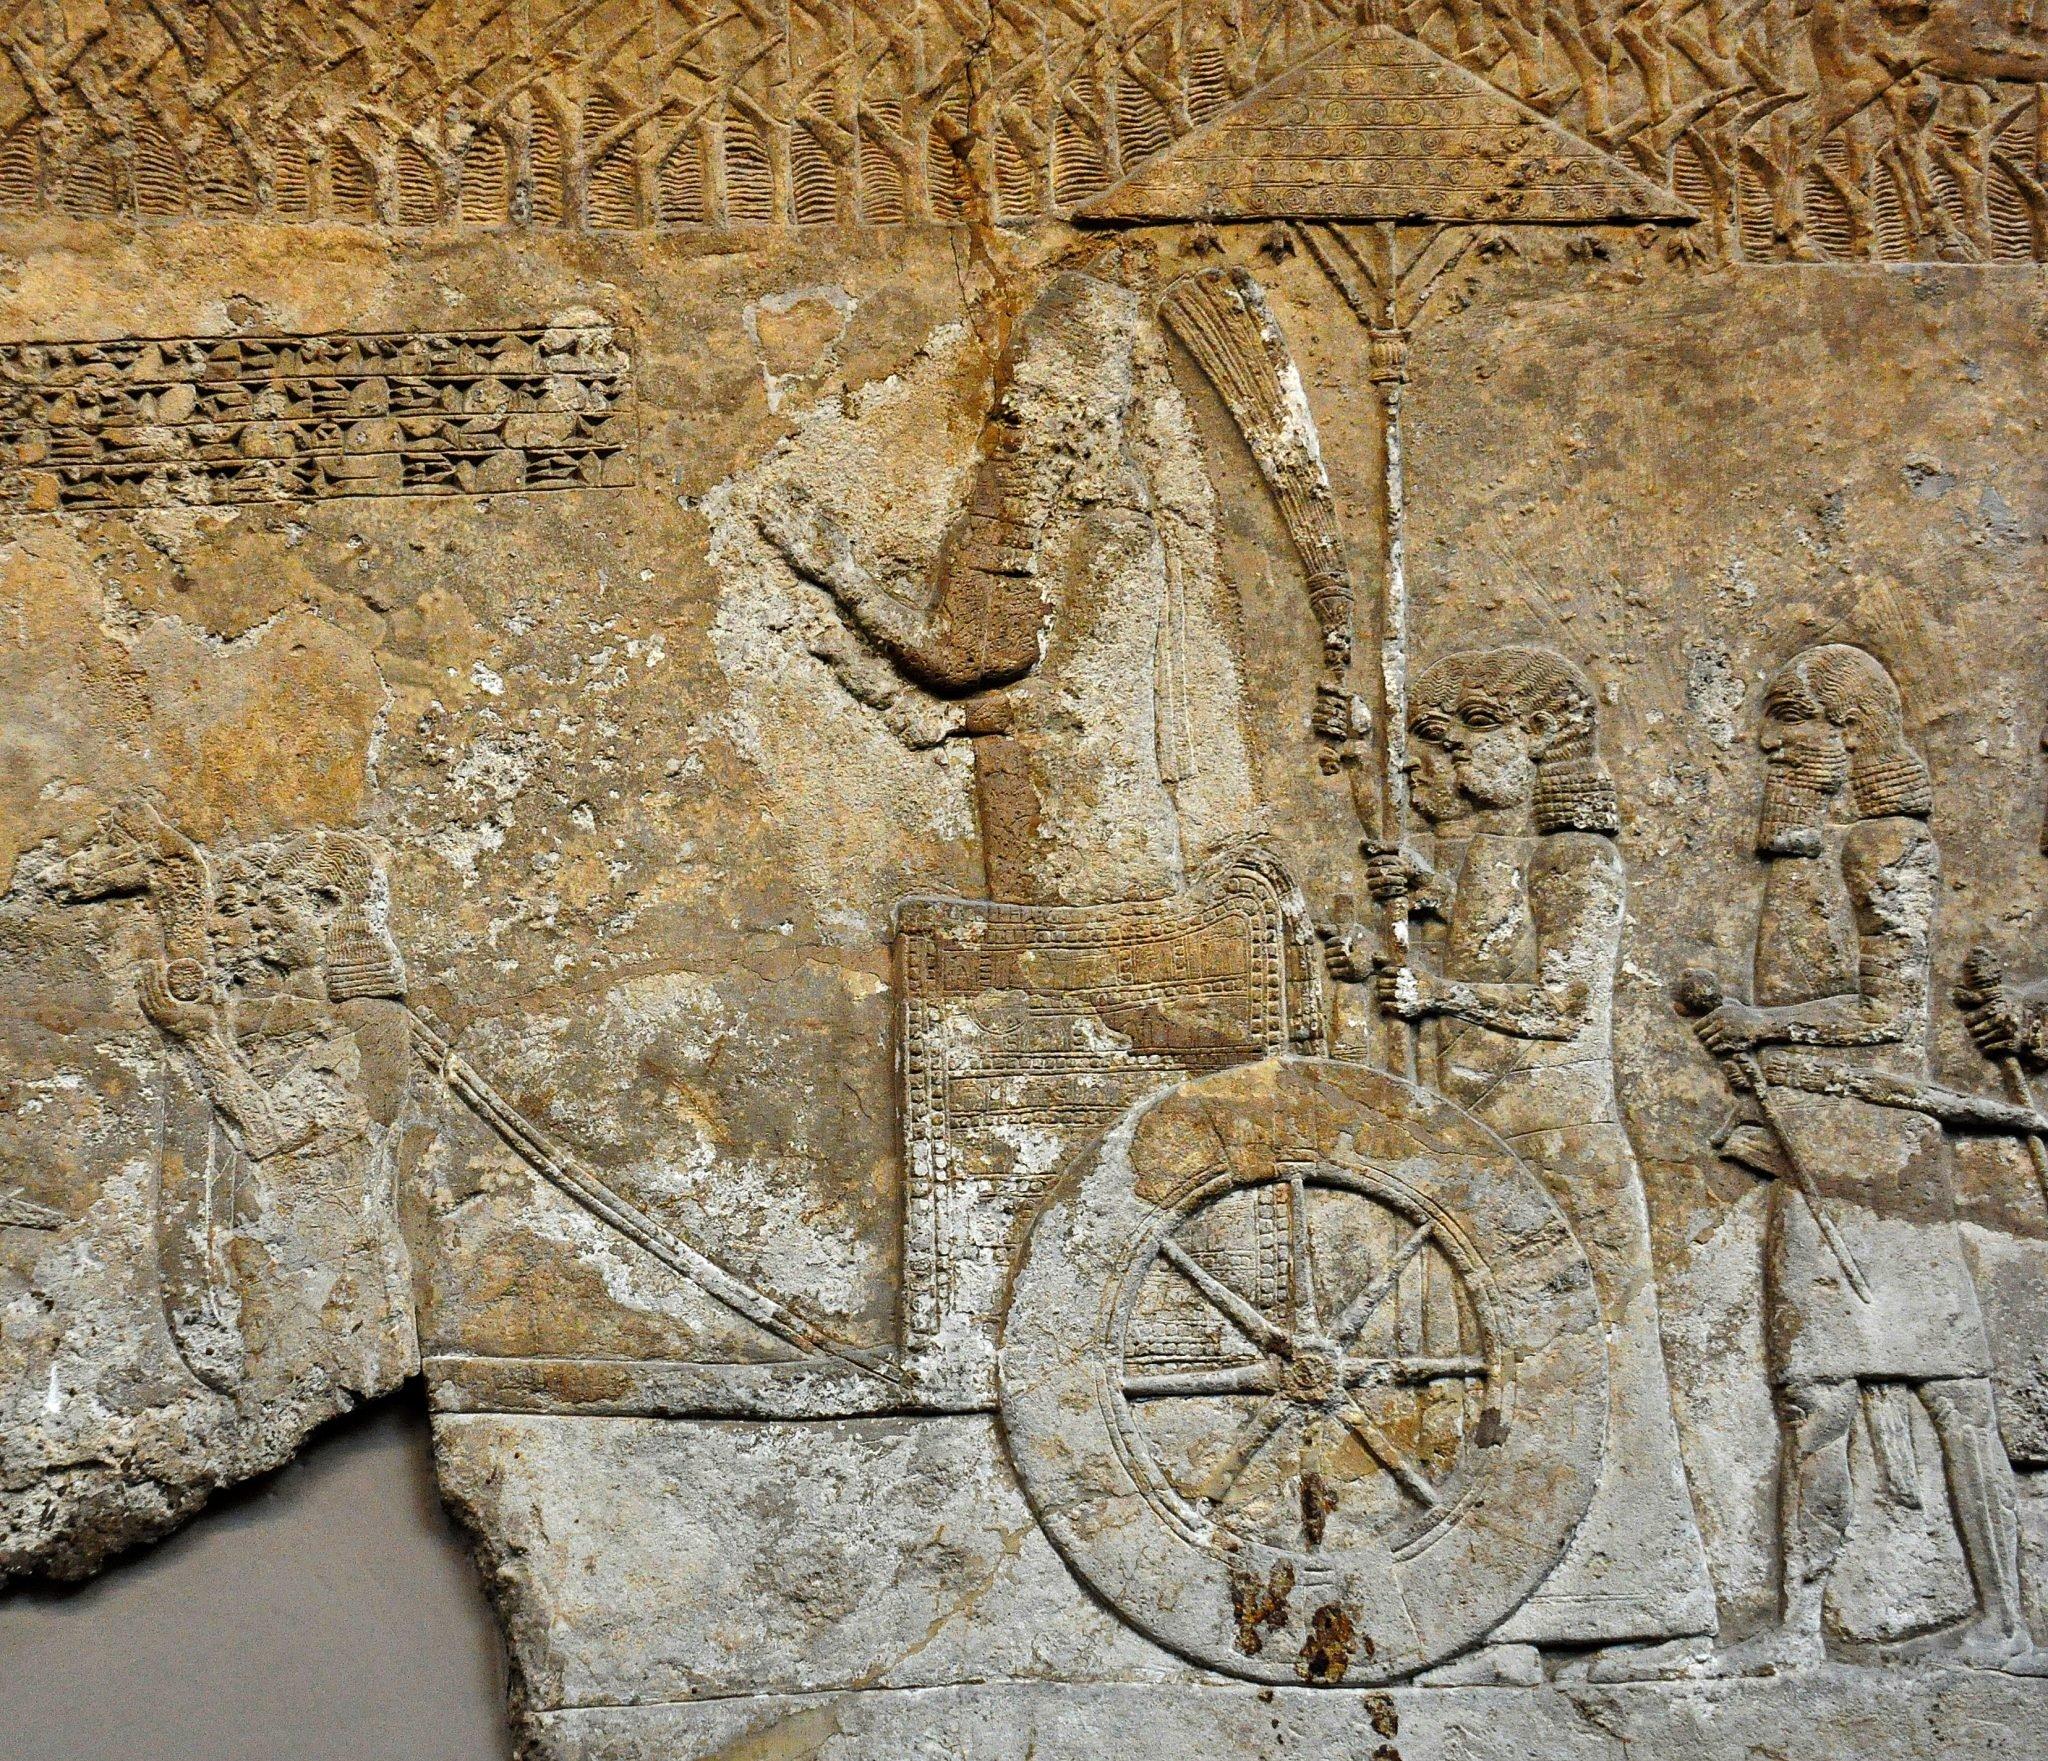 Mesopotamian reliefs